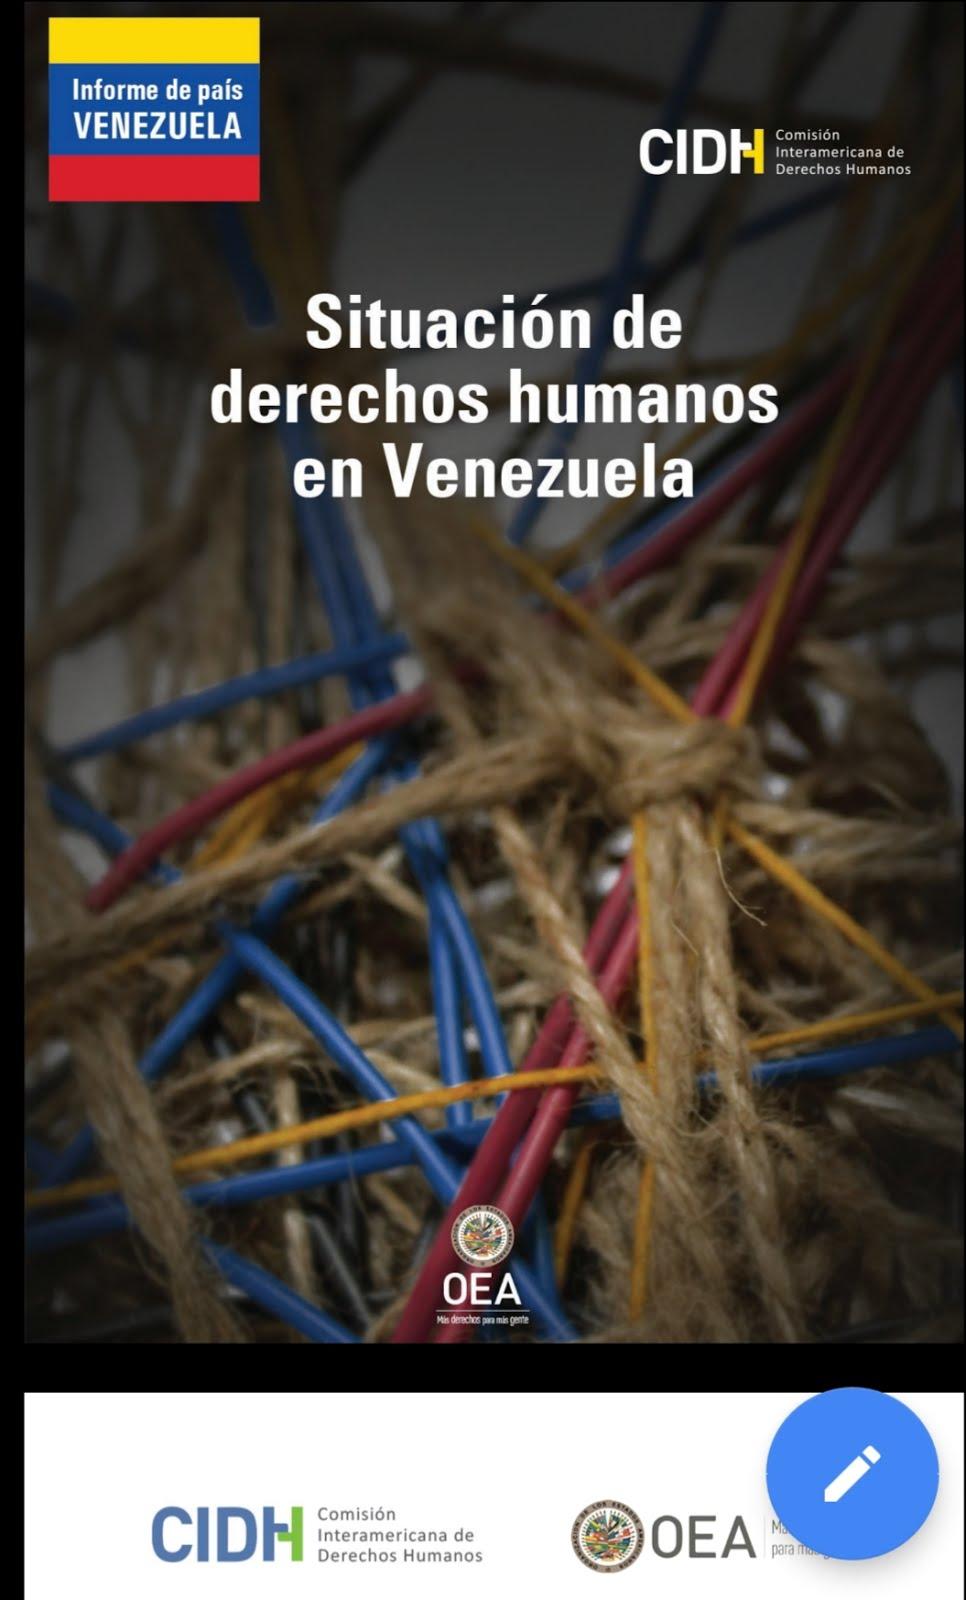 """CIDH: Informe """"Institucionalidad democrática, estado de derecho y derechos humanos en Venezuela""""."""